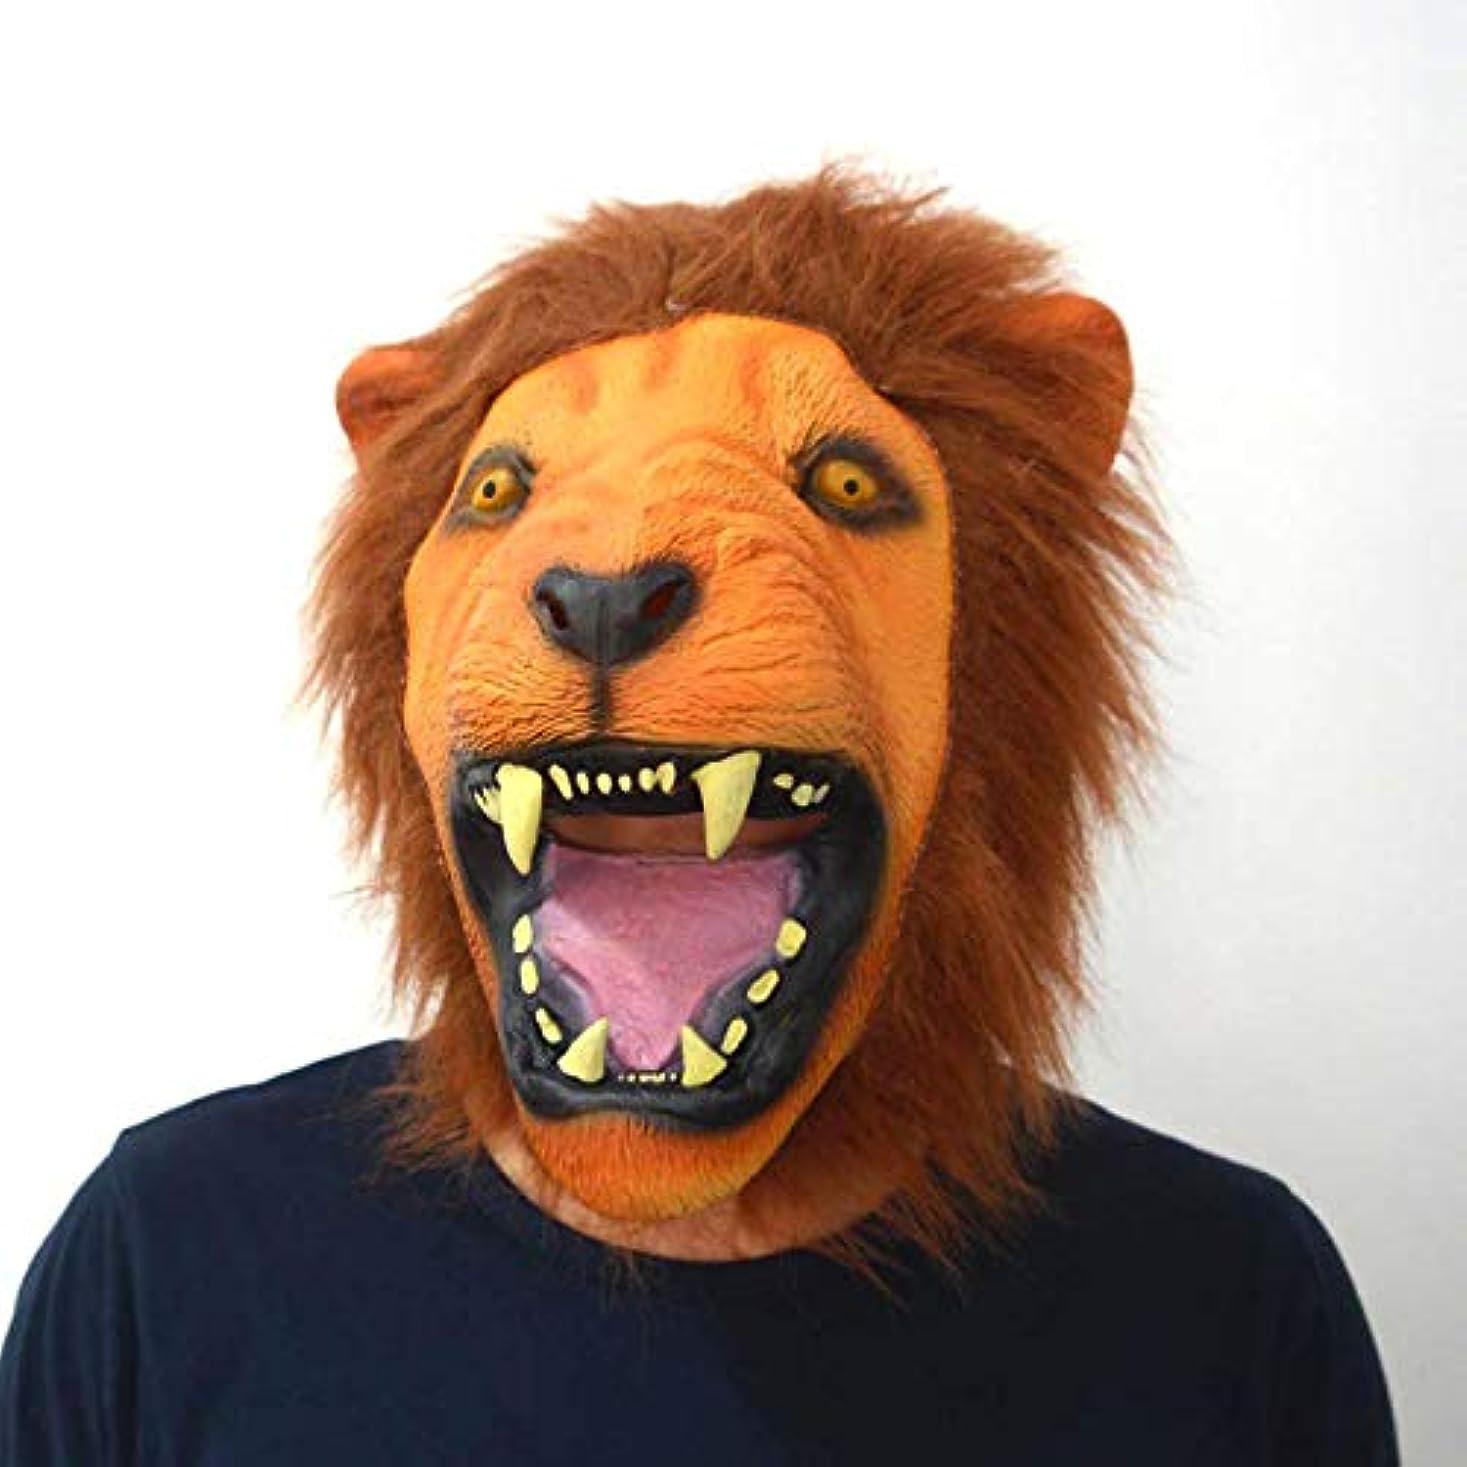 識別ピボット軌道ハロウィン長い髪のライオン王のマスクホラーパーティーライオンのマスク性能動物ヘッドギア